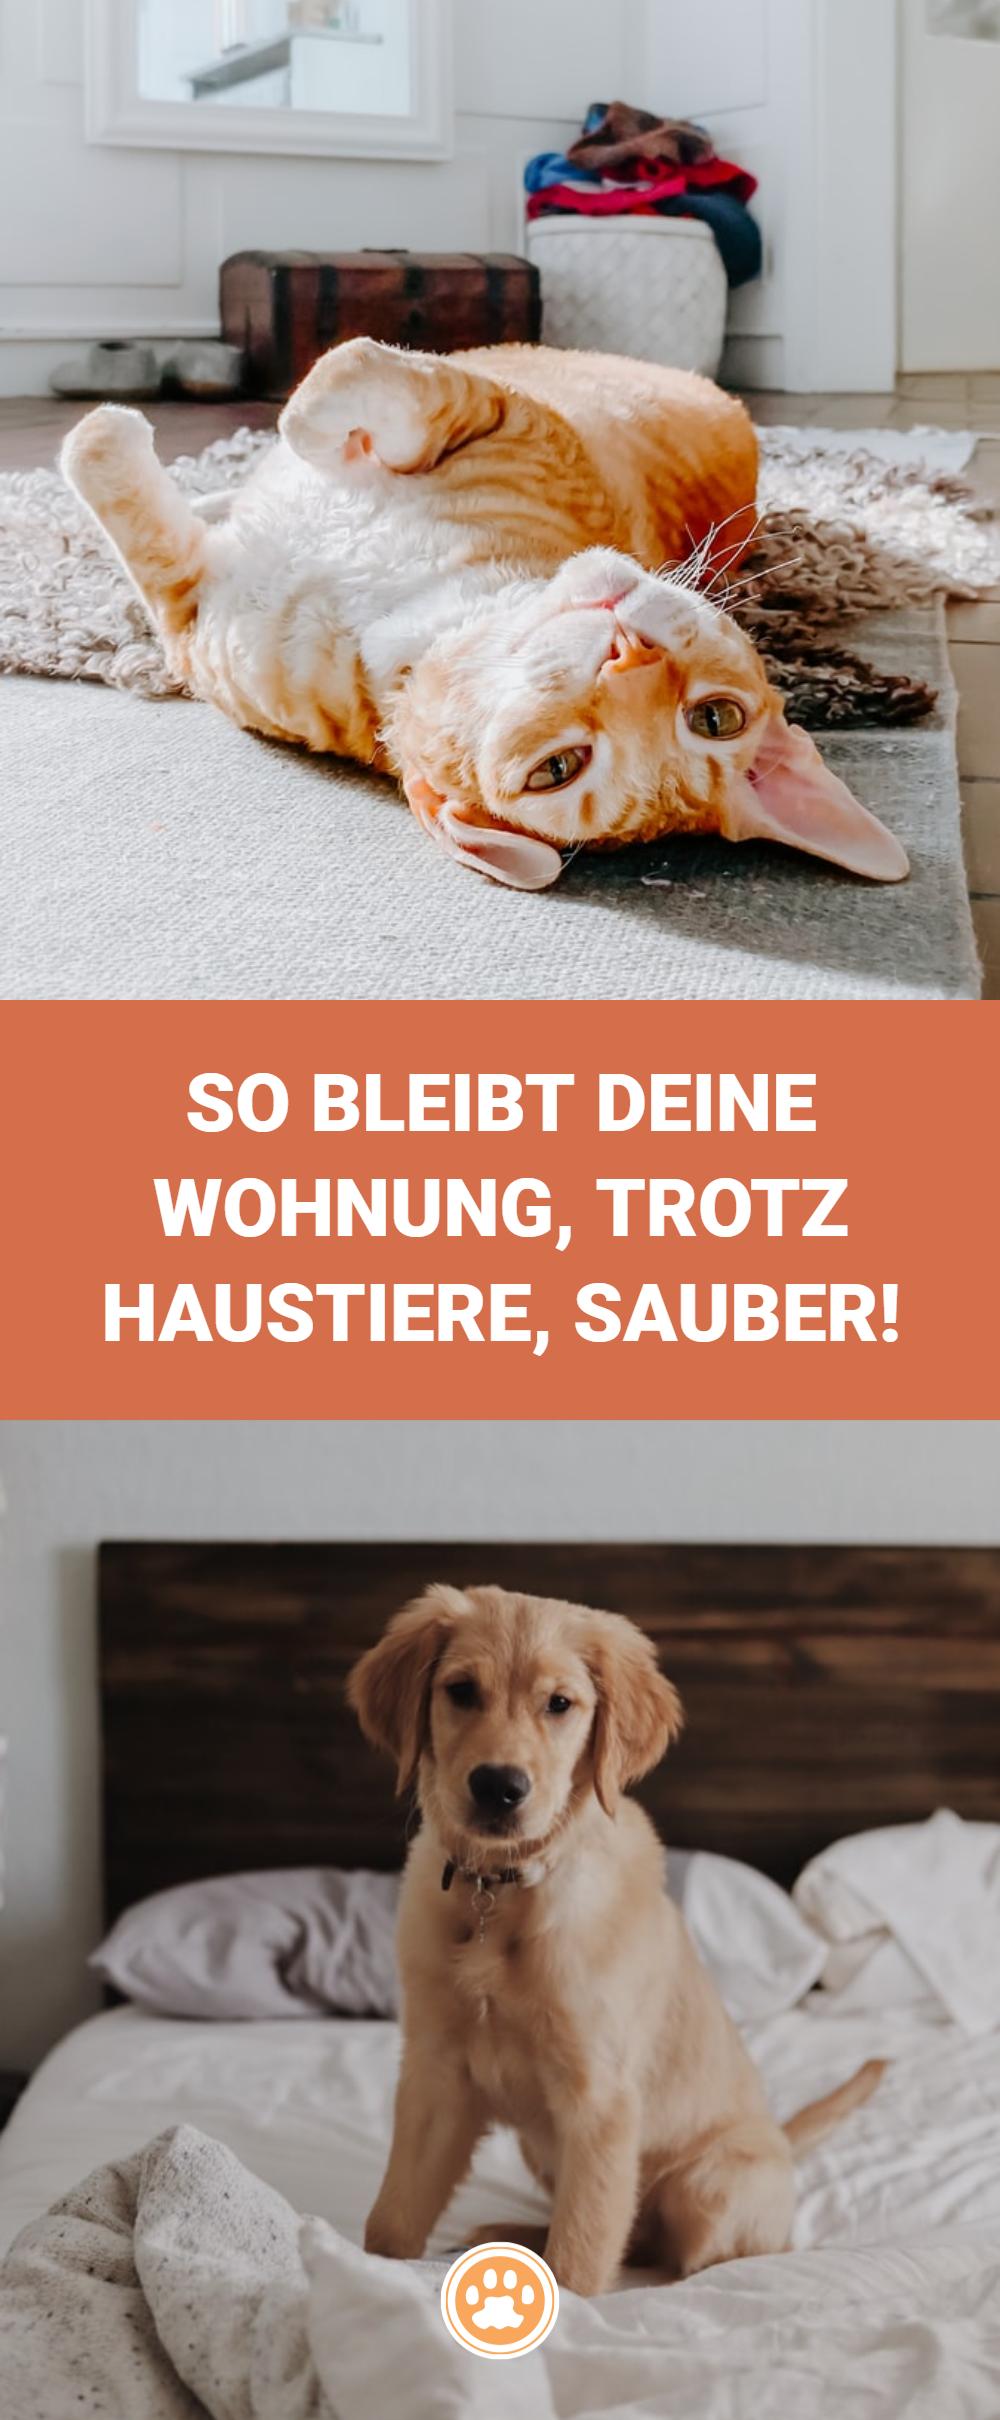 So Sorgst Du Fur Ein Sauberes Zuhause Ohne Deinem Tier Zu Schaden Haustiere Tiere Katzen Hunde Katzenhaare Hundehaar In 2020 Tier Fakten Hundehaltung Haustiere